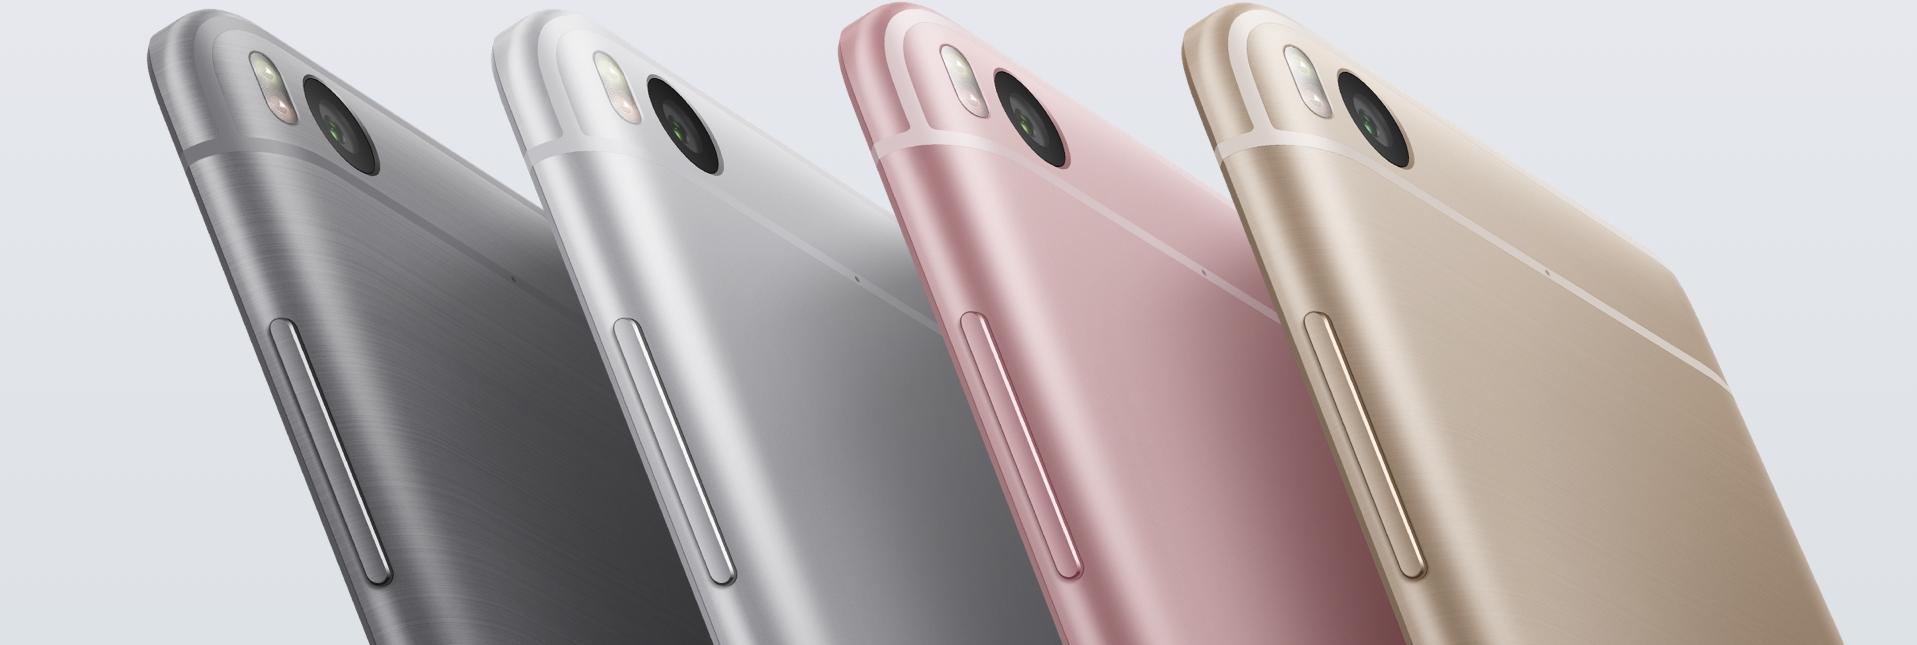 Xiaomi apresenta dois novos smartphones e faz frente a Apple e Samsung